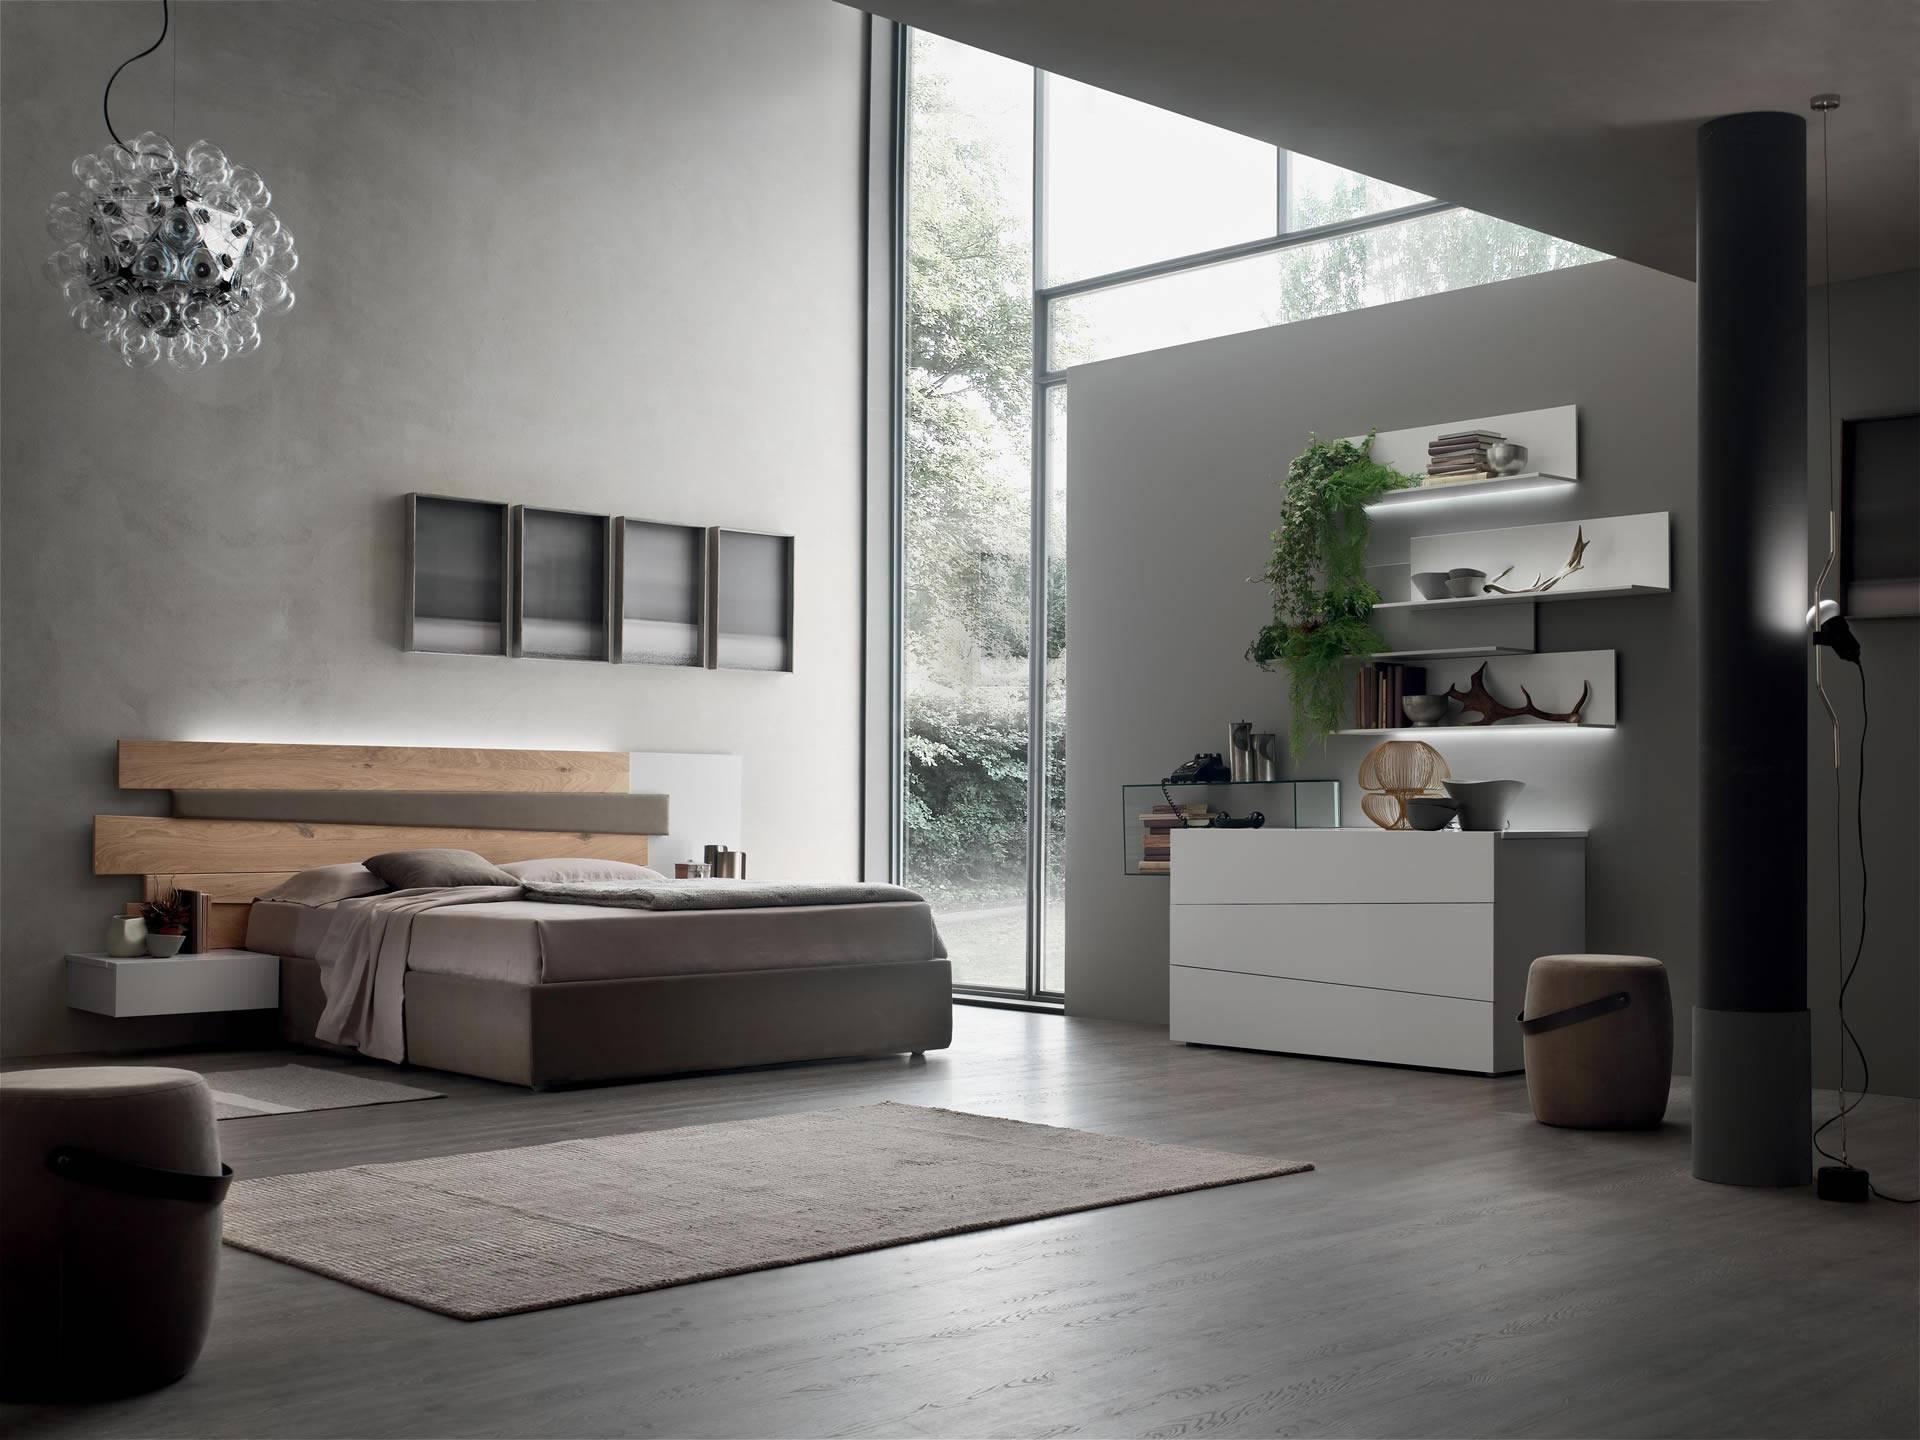 Camere Da Letto Ultramoderne camere da letto moderne tomasella - rilievo [fraz. di